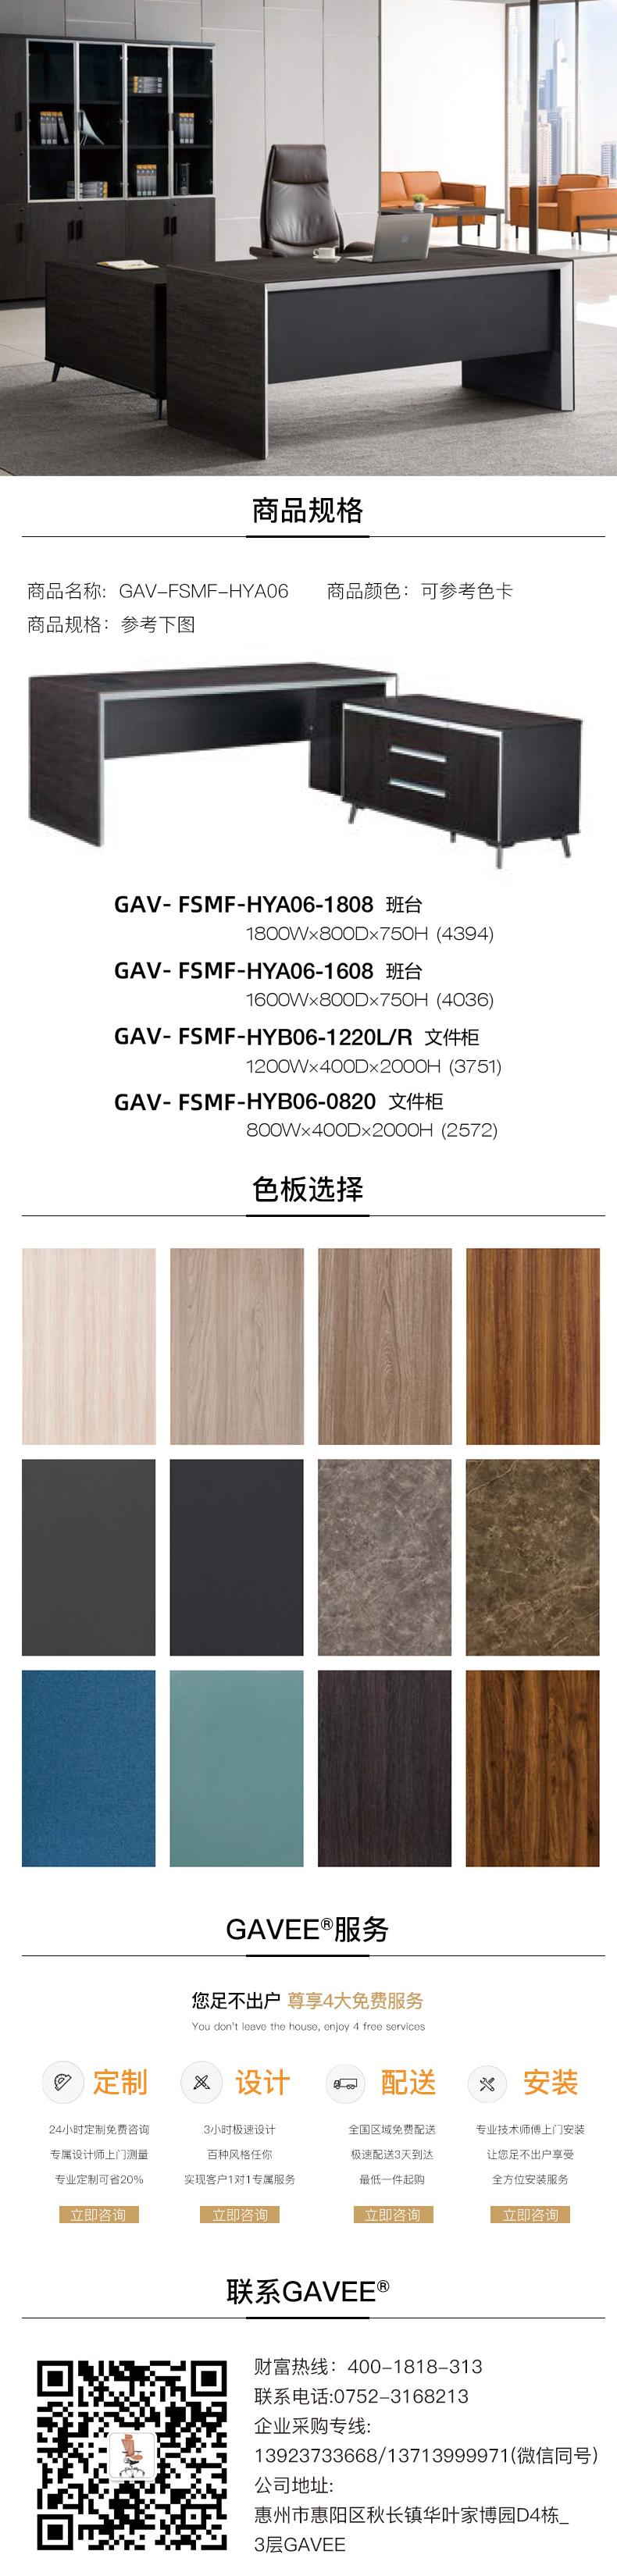 高層決策系統GAV-FSMF-HYA06.jpg